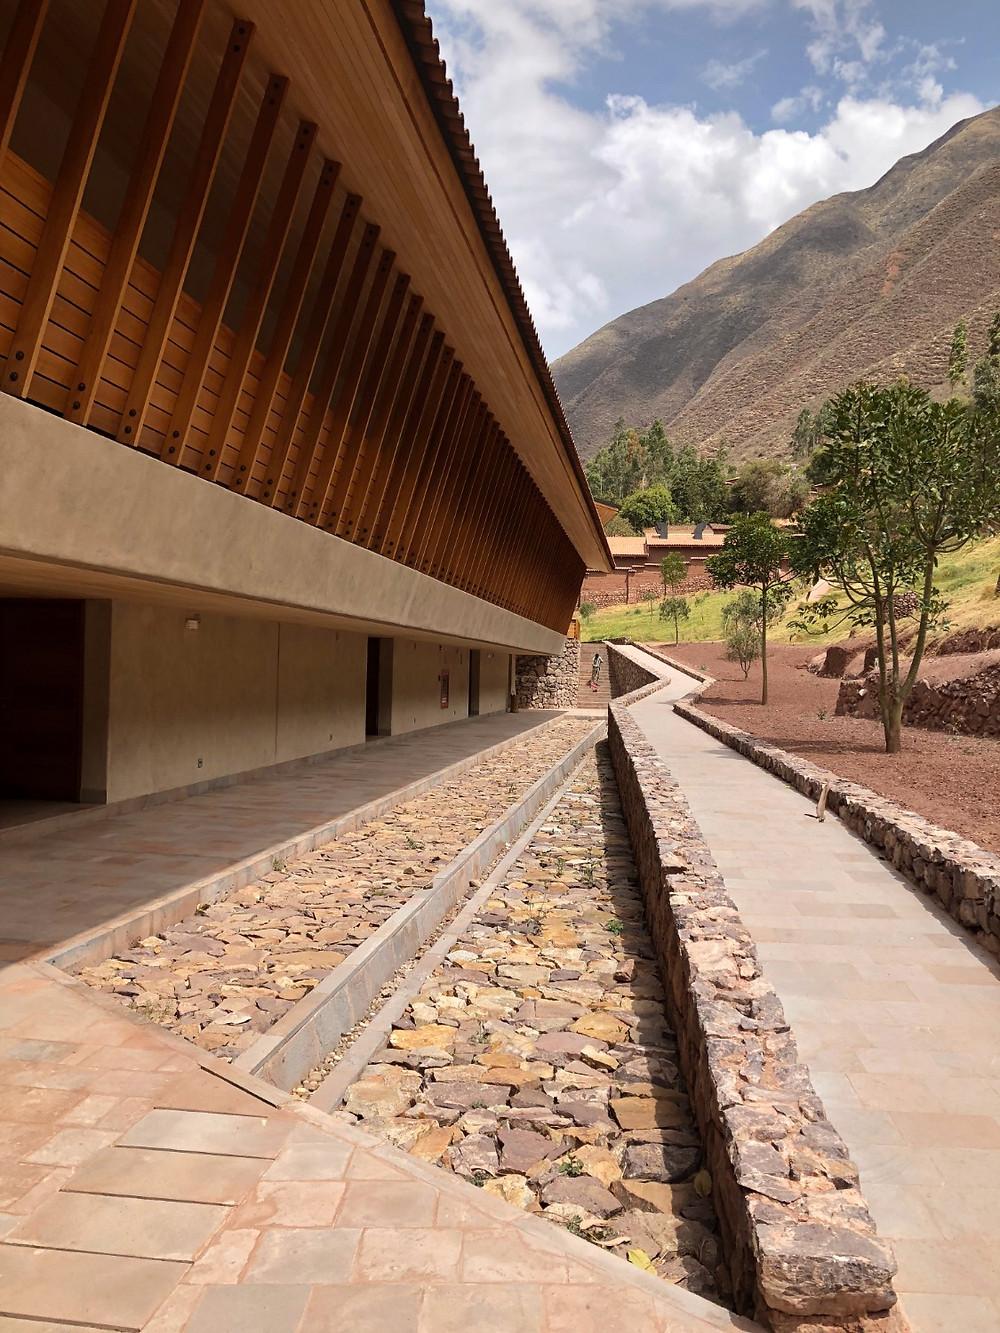 Explora Peru - Paradox Travel  Read complete review at www.pardoxtravels.com